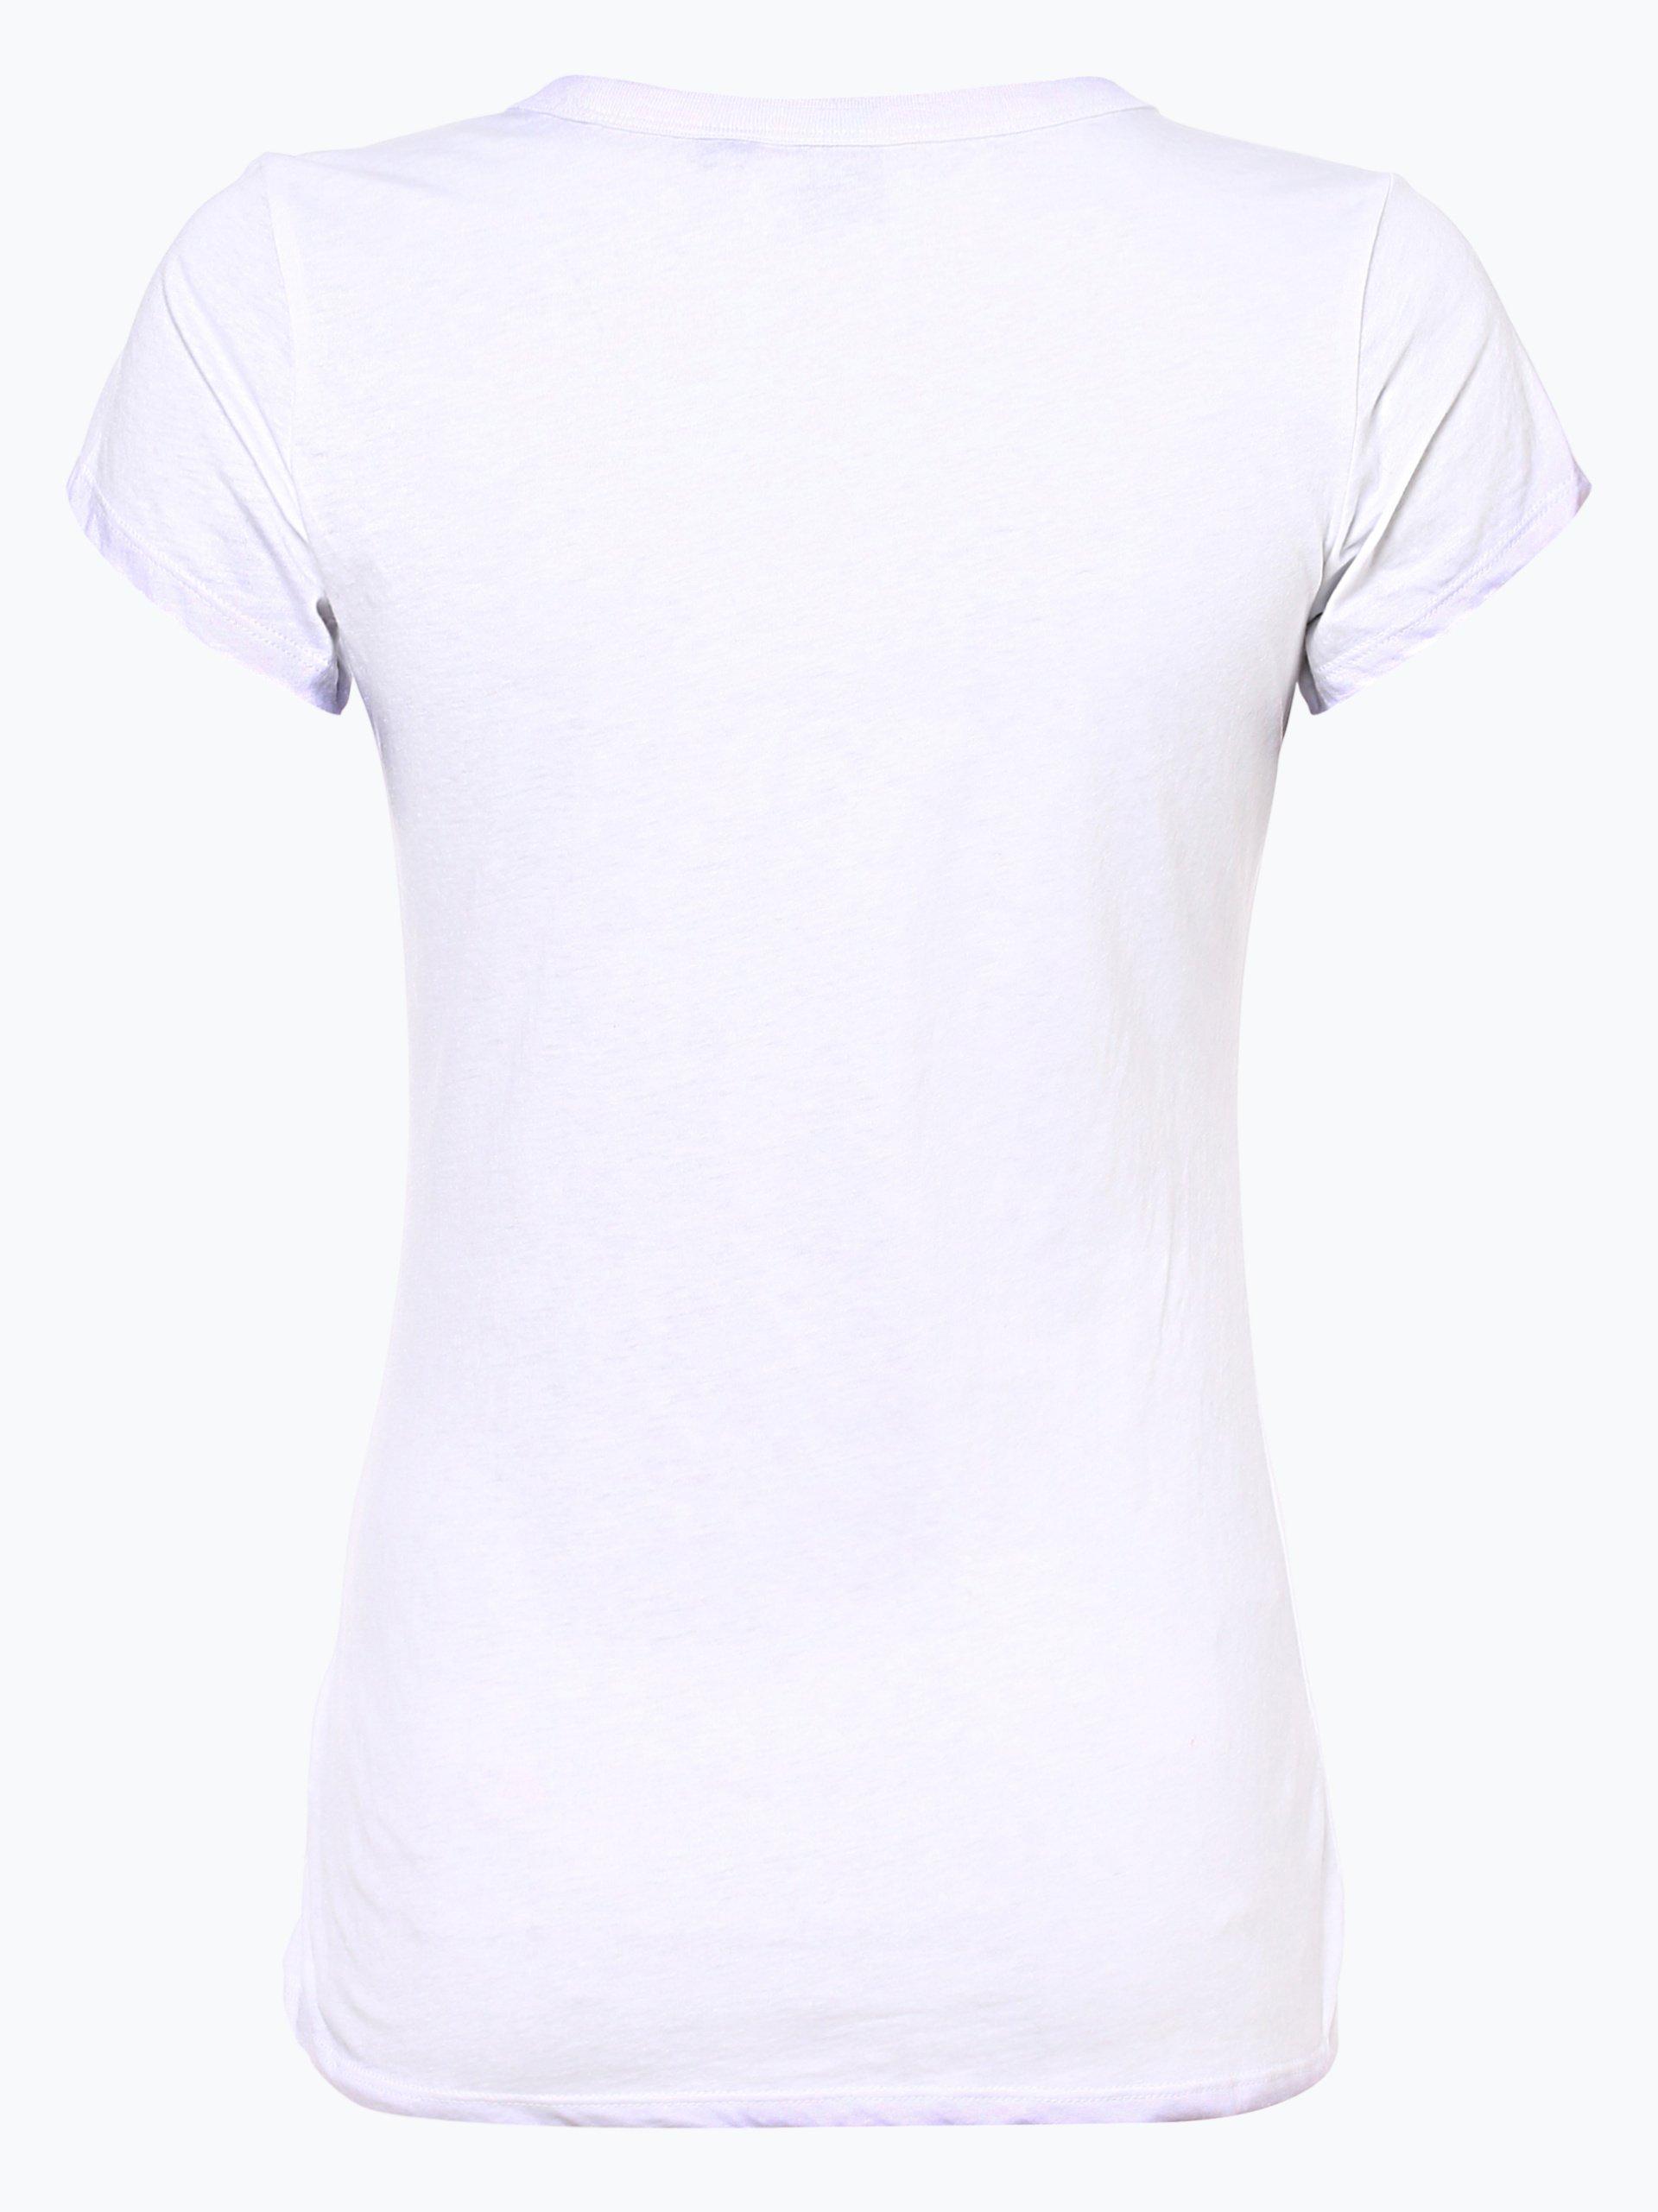 G-Star Damen T-Shirt - Eyben